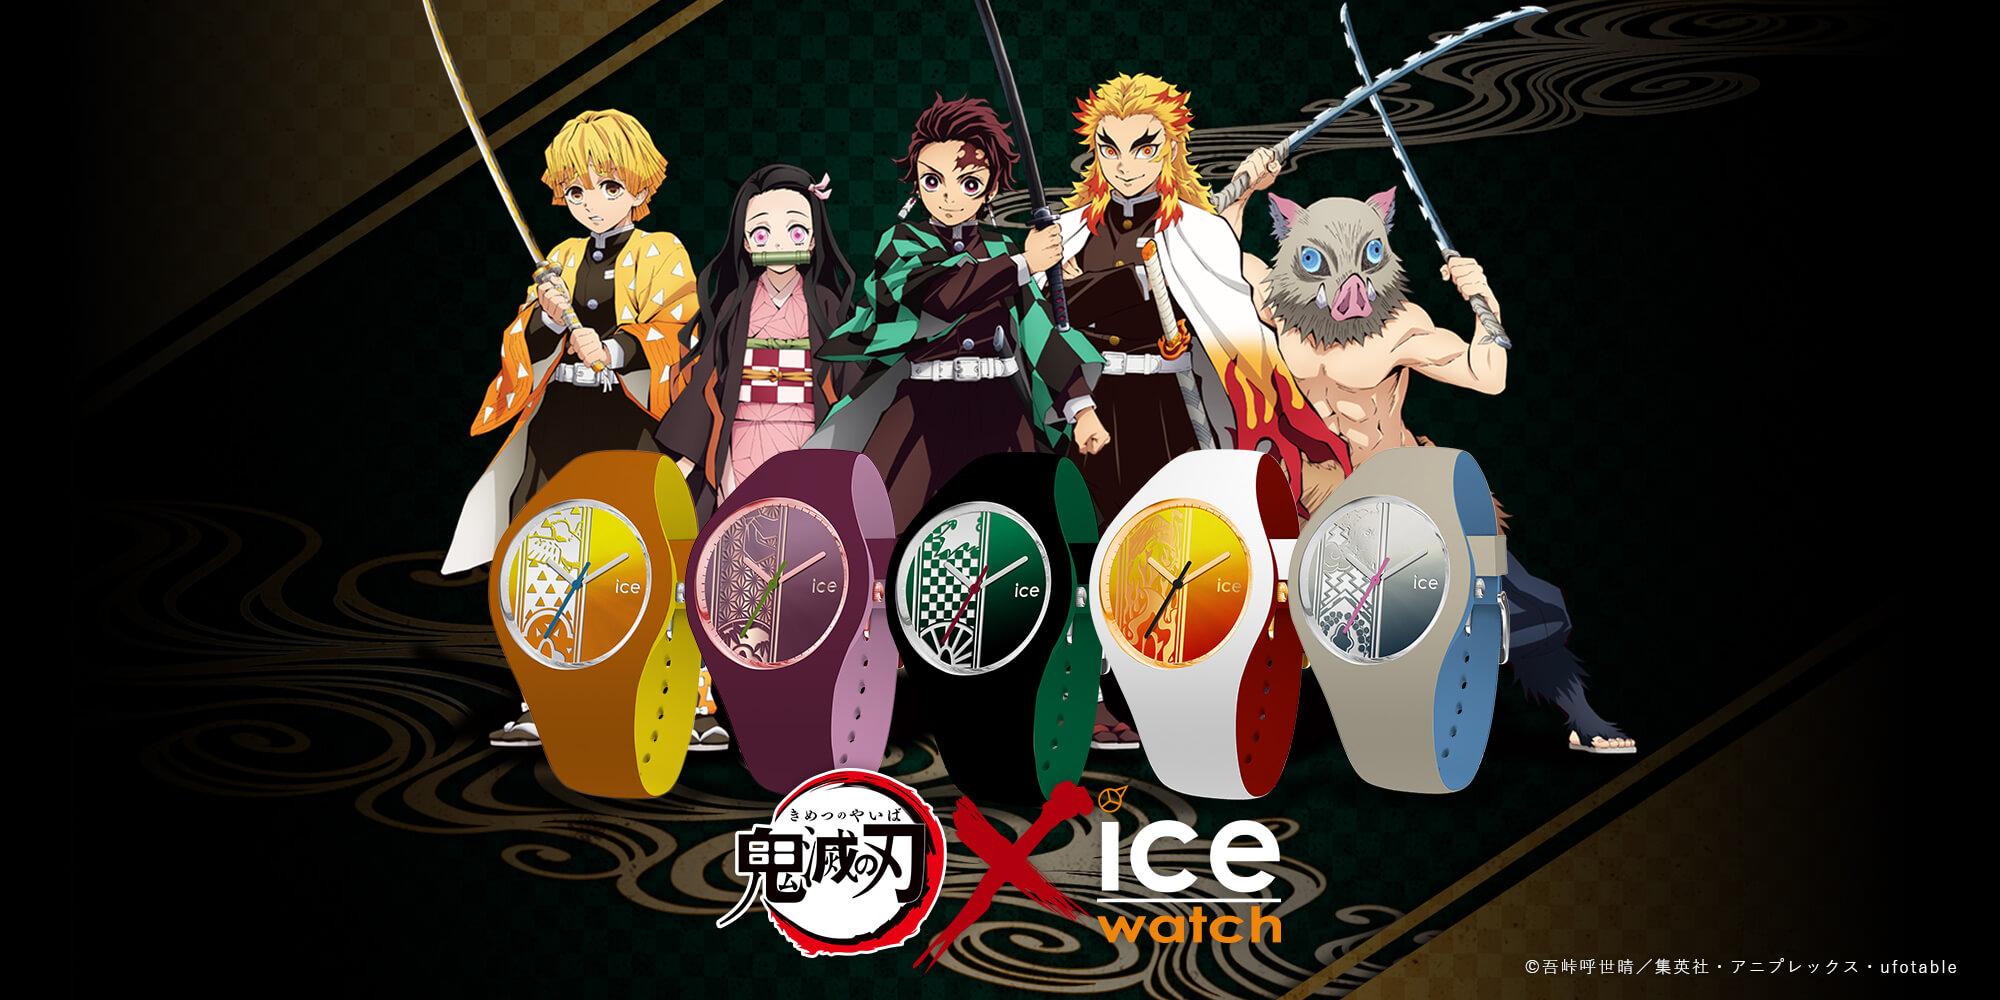 鬼滅の刃 ICE WATCH(アイスウォッチ)